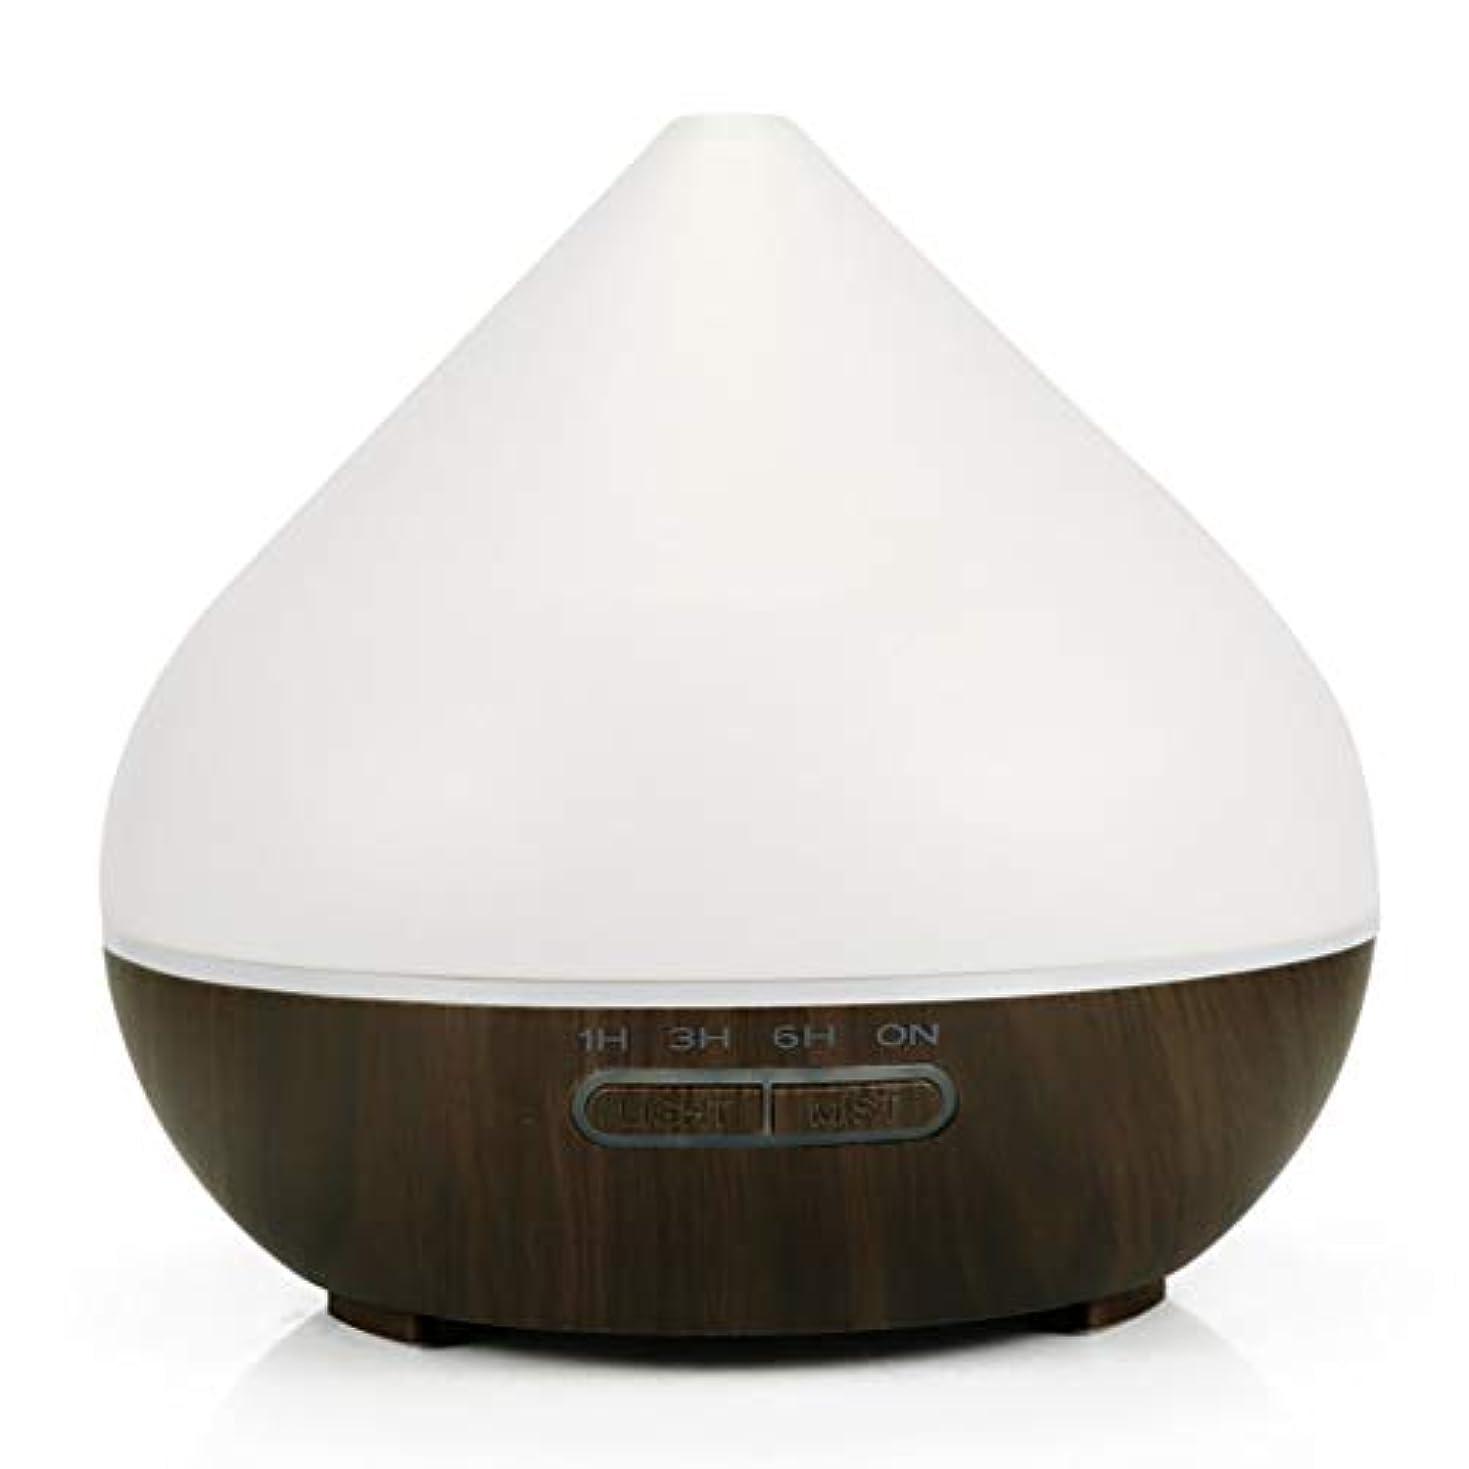 回路配置鋭く超音波アロマセラピー香りの良い加湿器、300mlアロマセラピーエッセンシャルオイルディフューザー、寝室用の7つのLEDライトカラー、ホーム、オフィス,darkbase